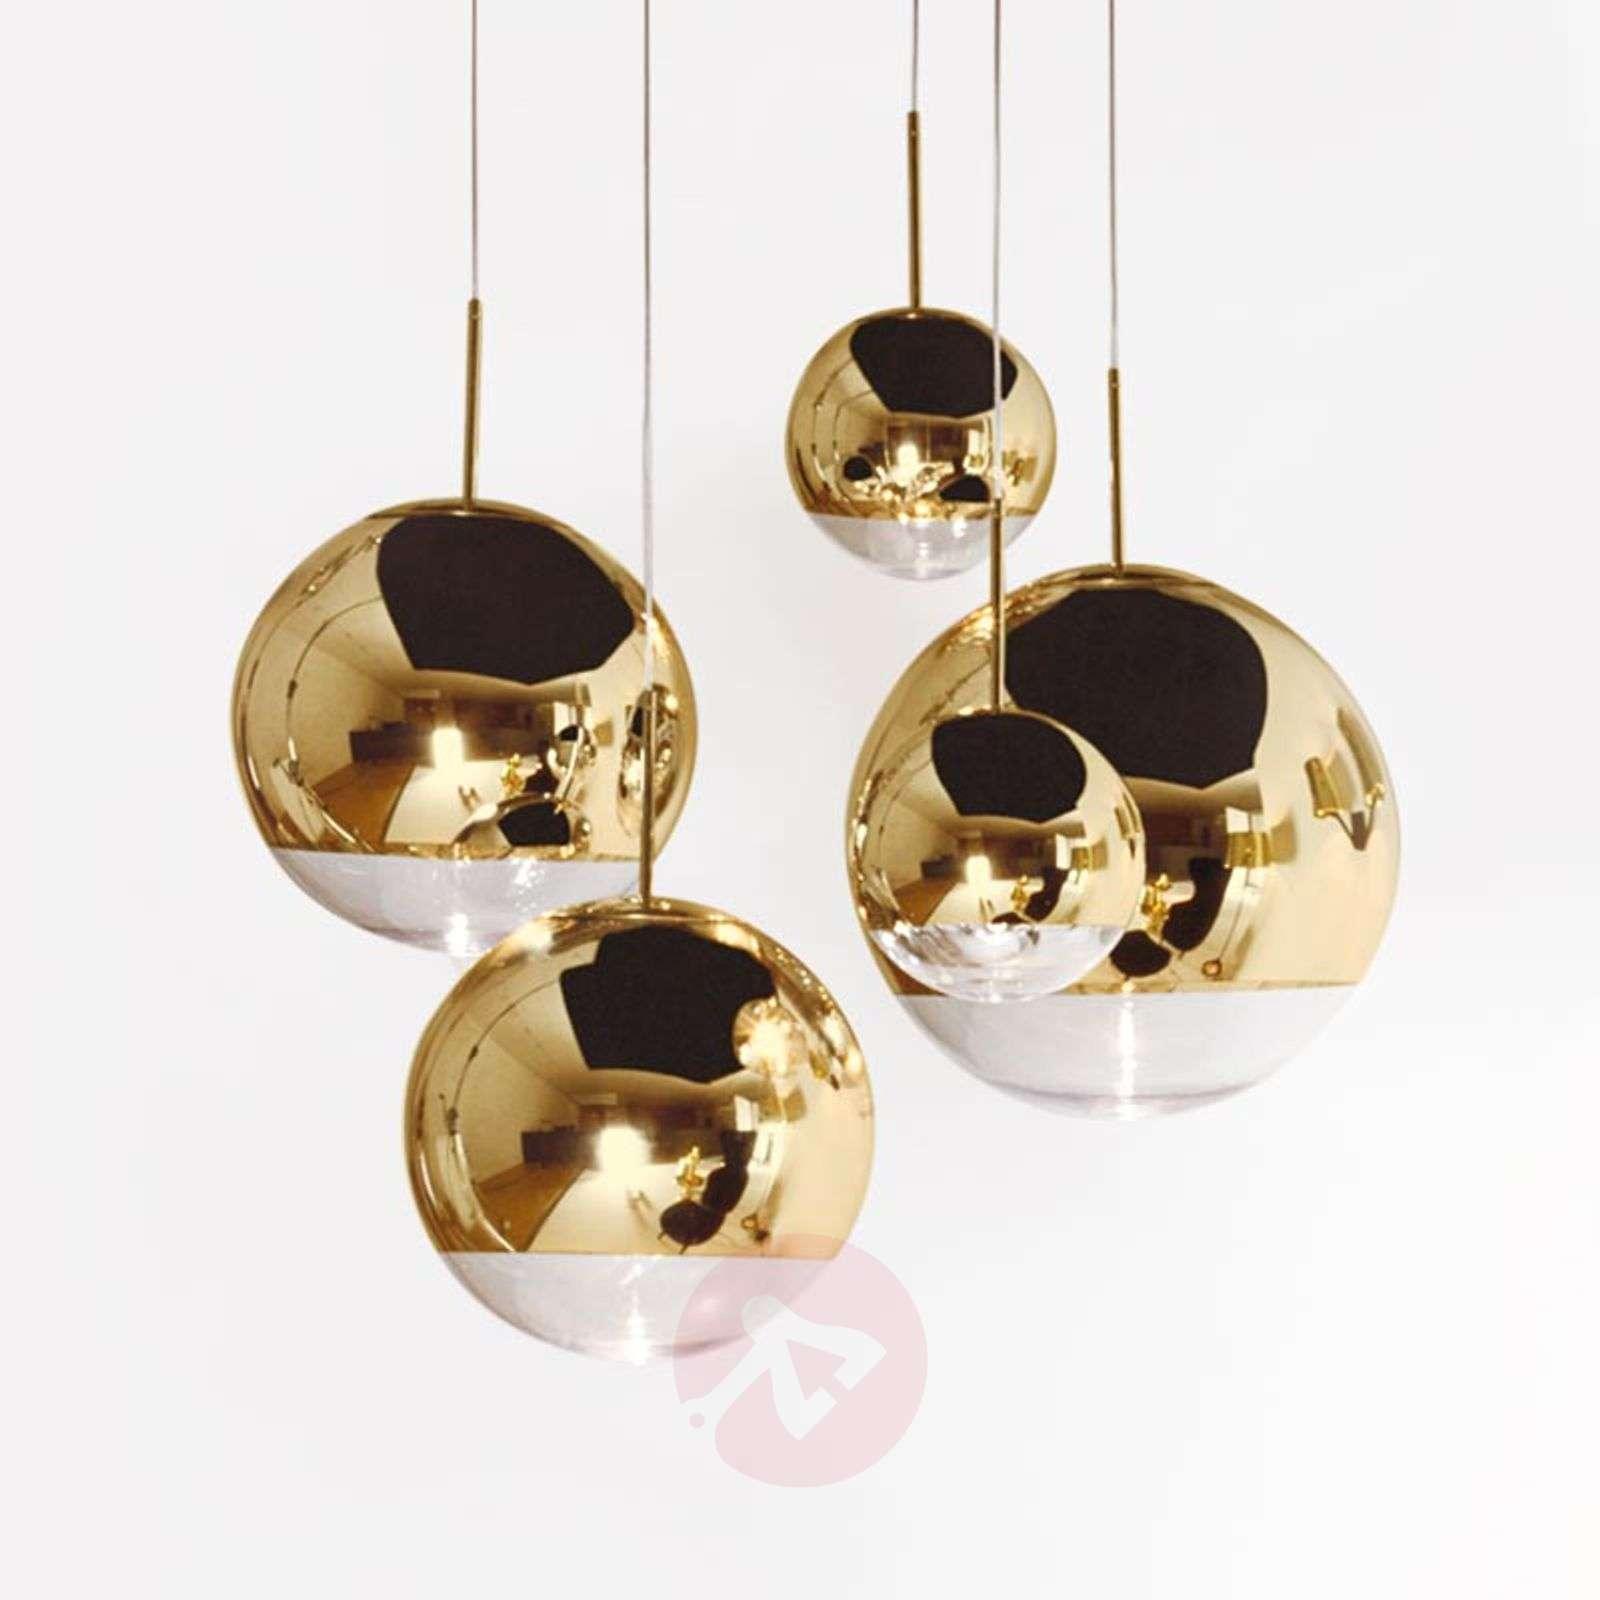 Kullankiiltoinen Mirror Ball-riippuvalaisin-9043041X-01